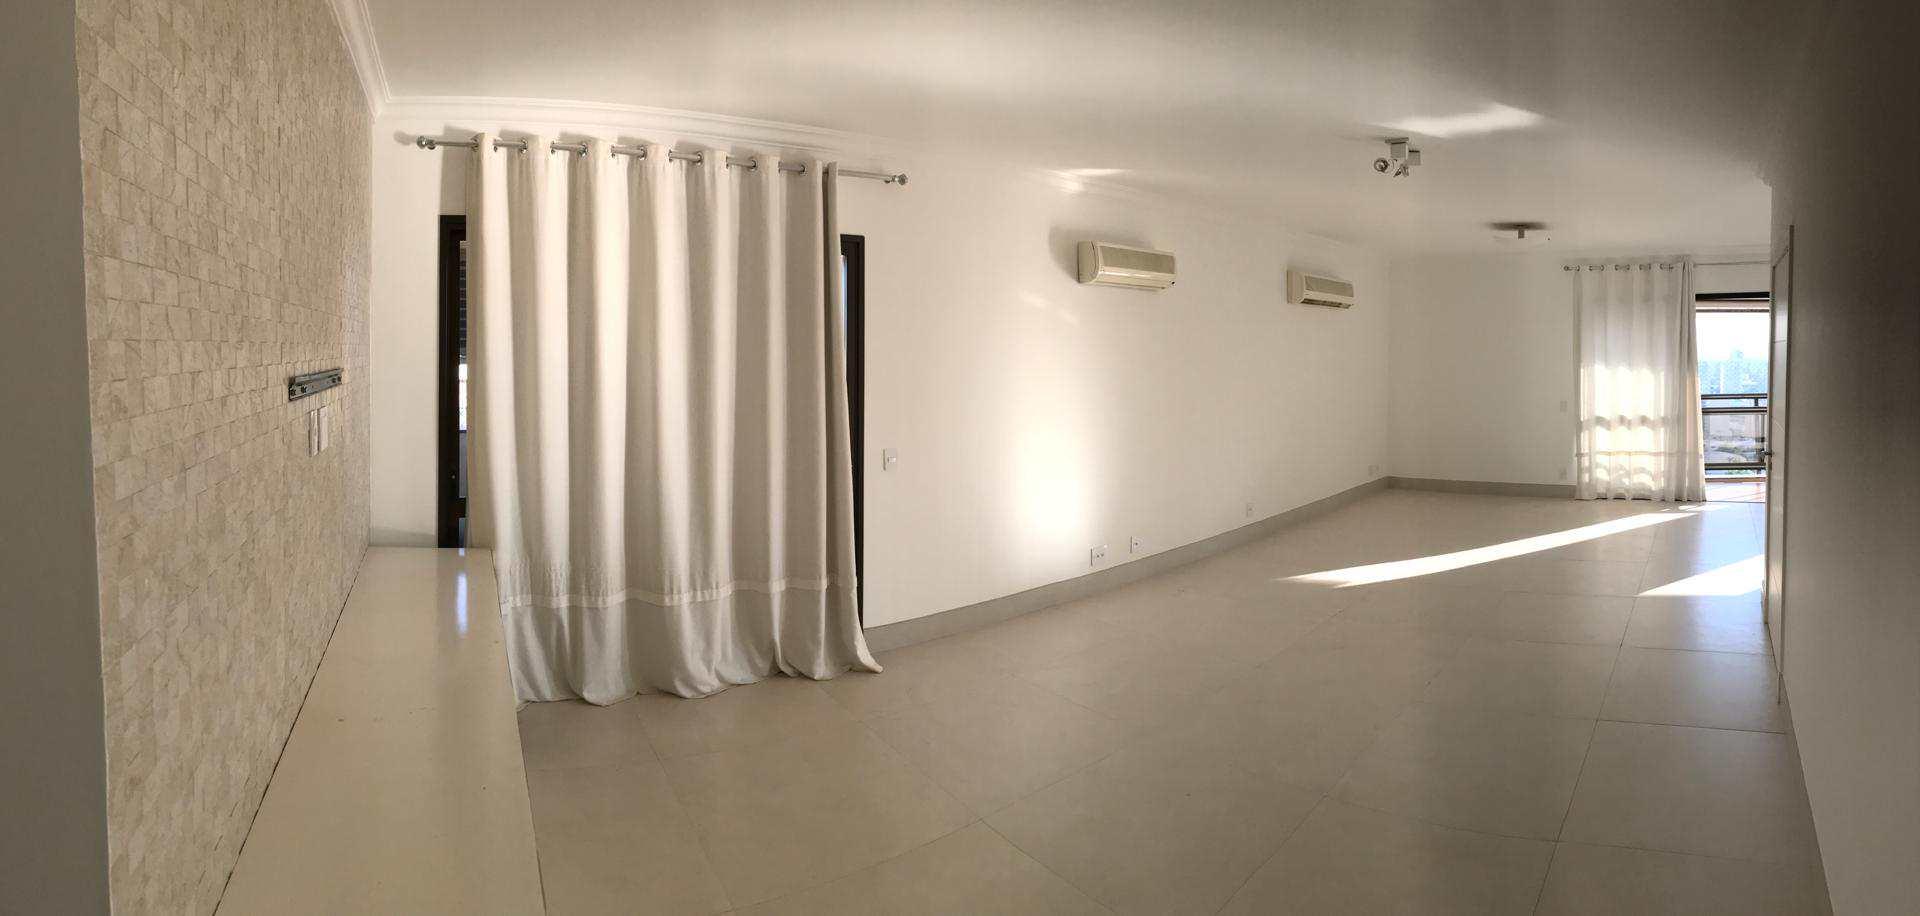 Apartamento com 3 dorms, Jardim Irajá, Ribeirão Preto - R$ 1.25 mi, Cod: 1722032